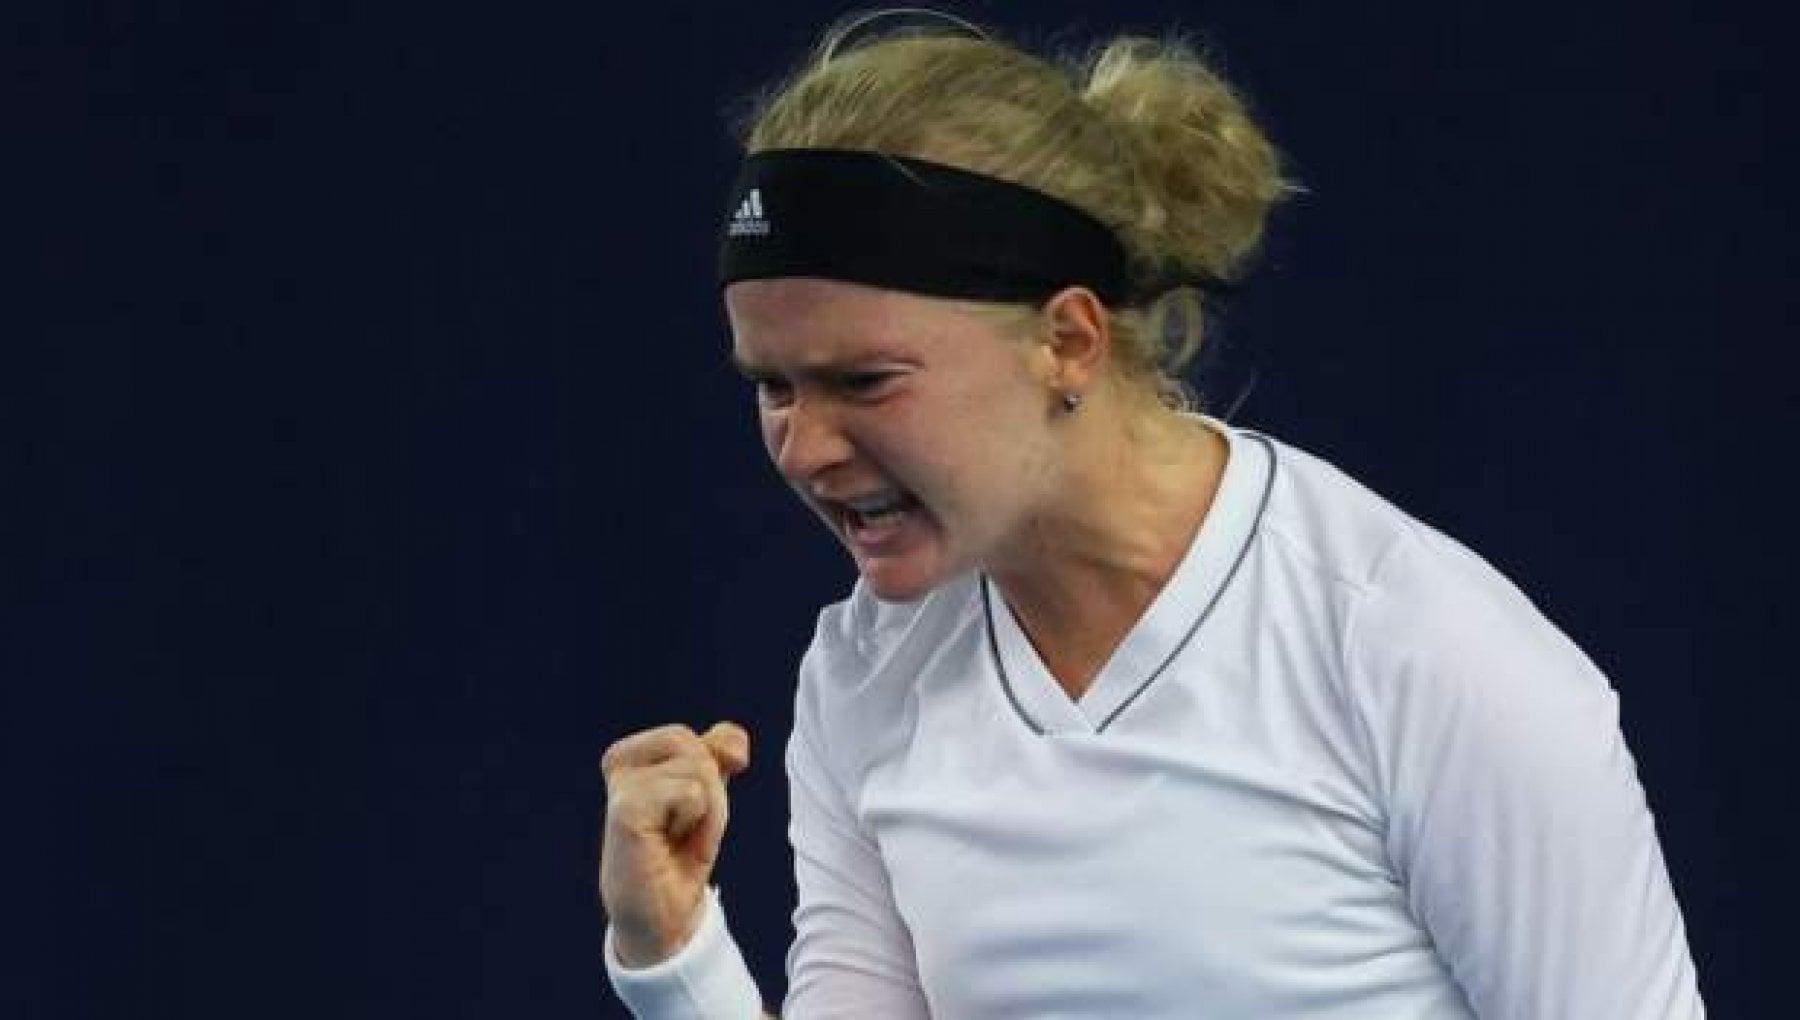 Tennis la favola di Fran Jones per i medici non poteva giocare lei si qualifica agli Australian Open